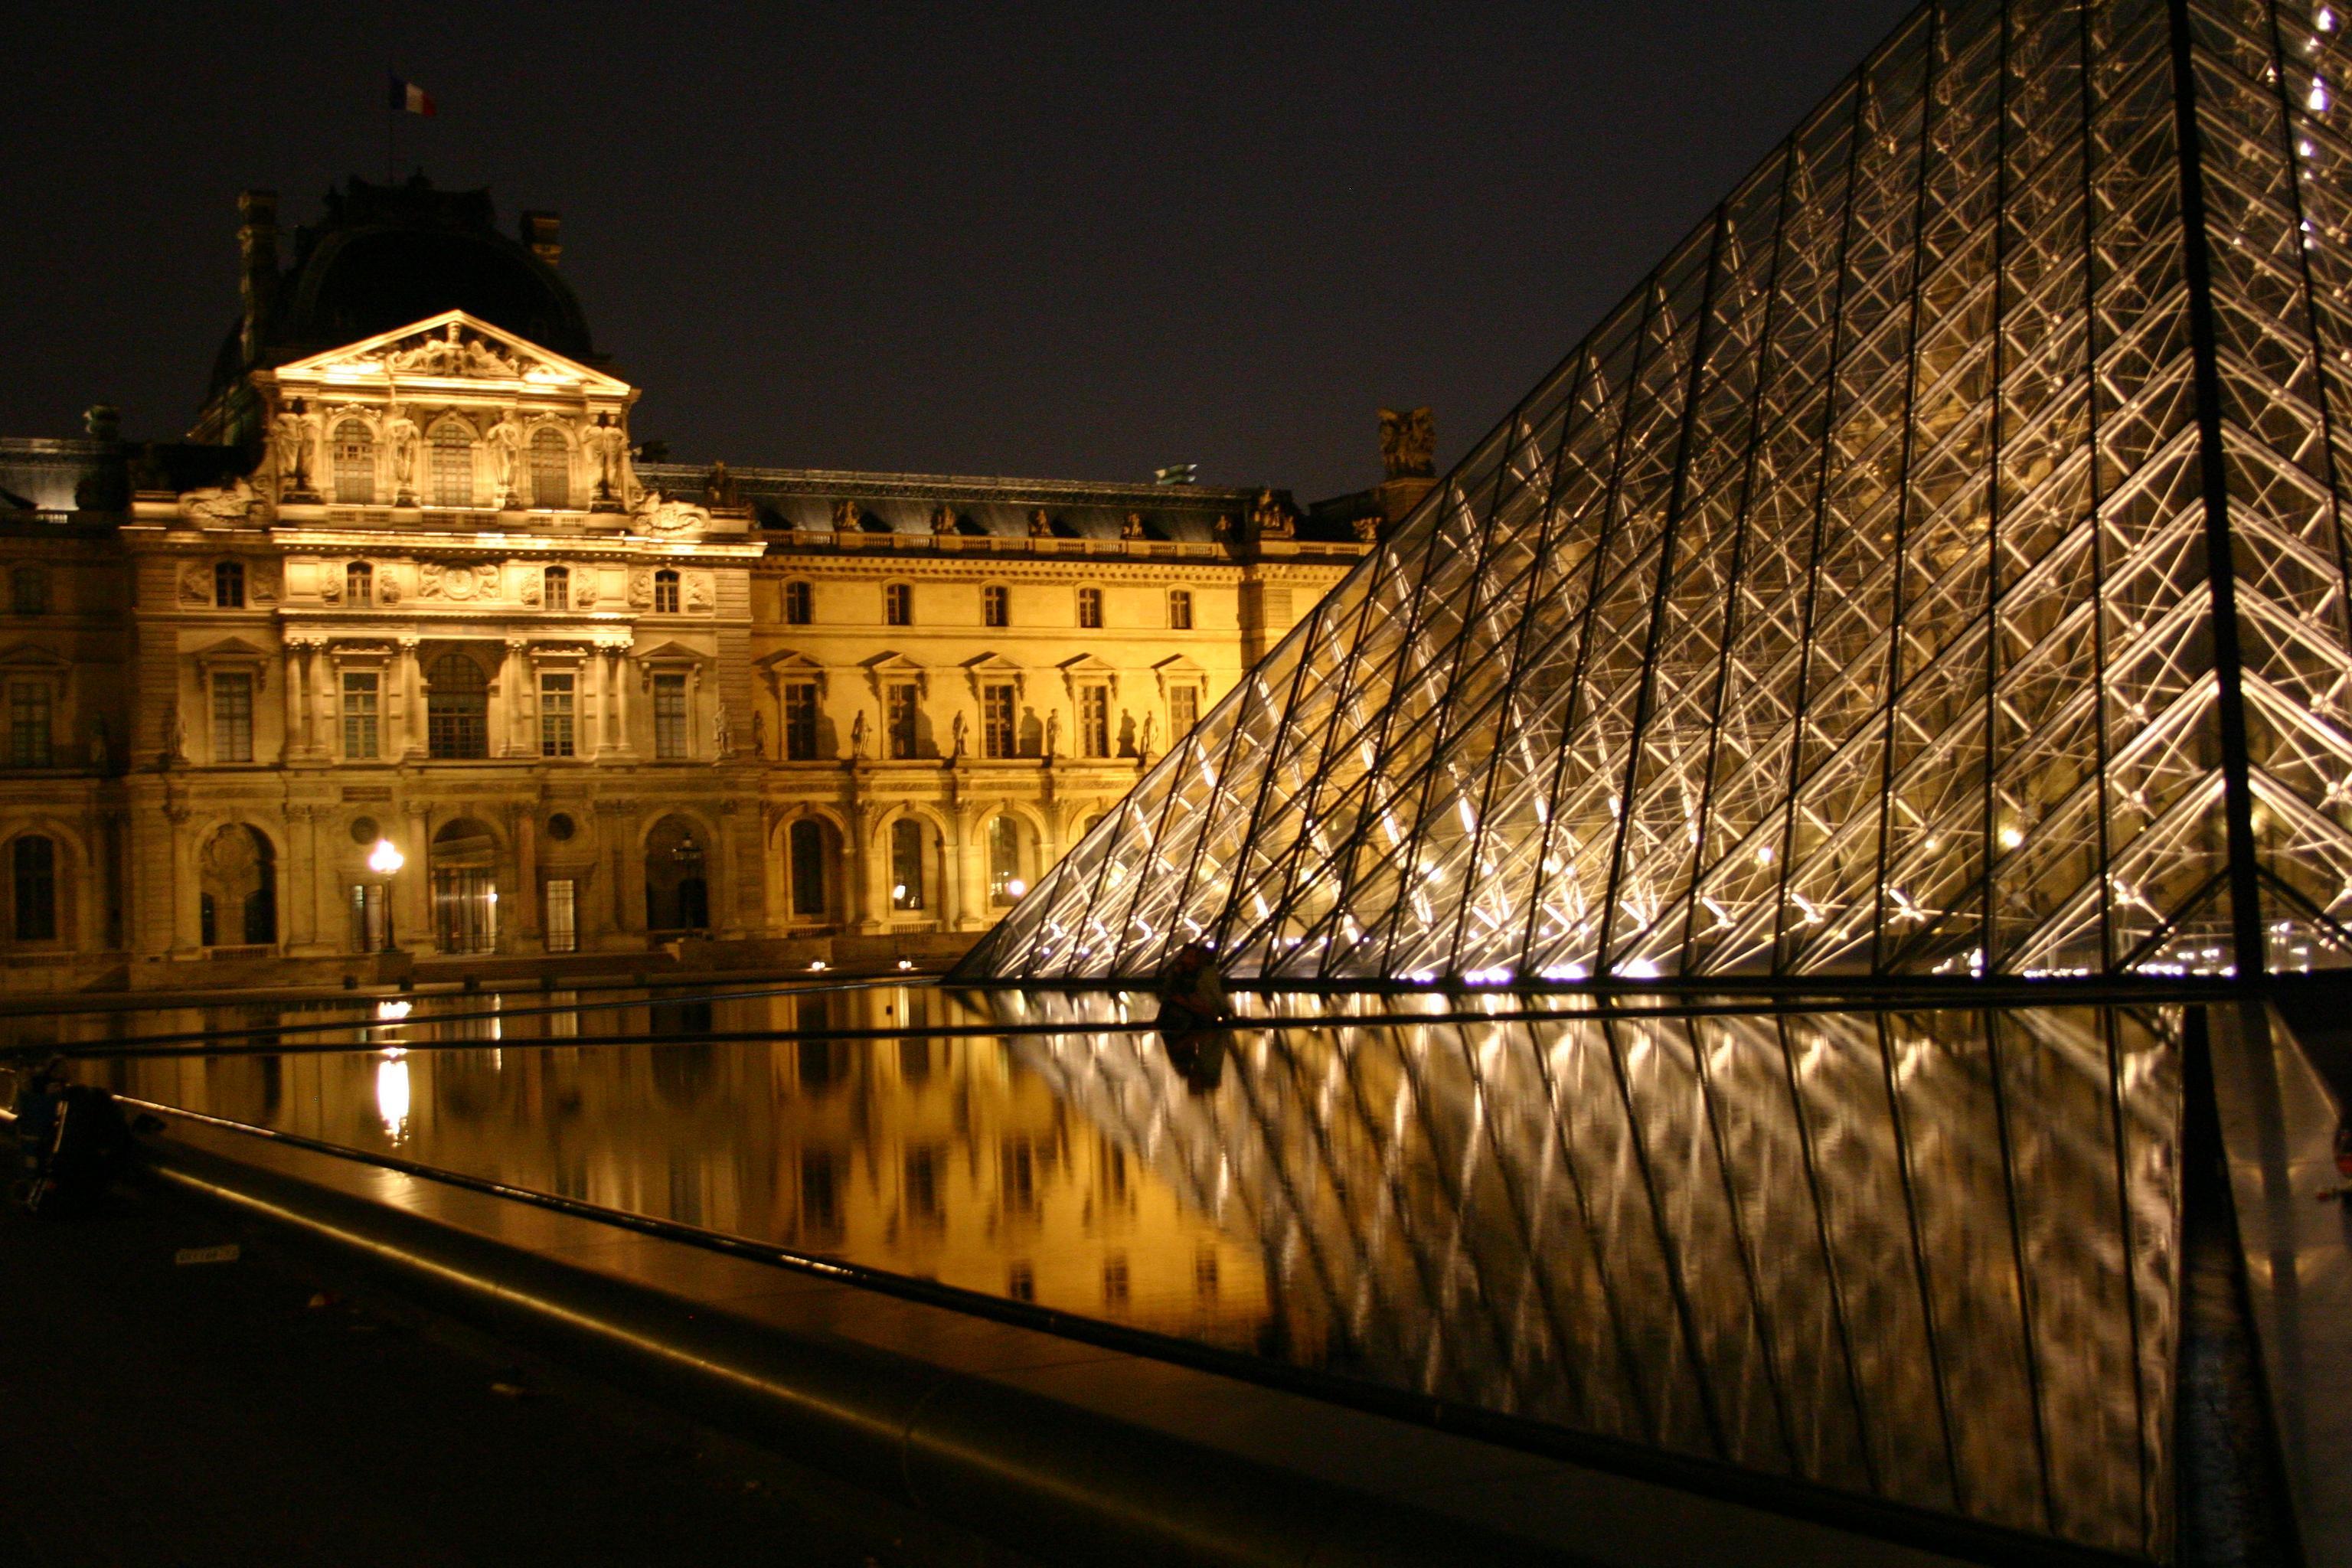 Innenhof des Louvre bei Nacht